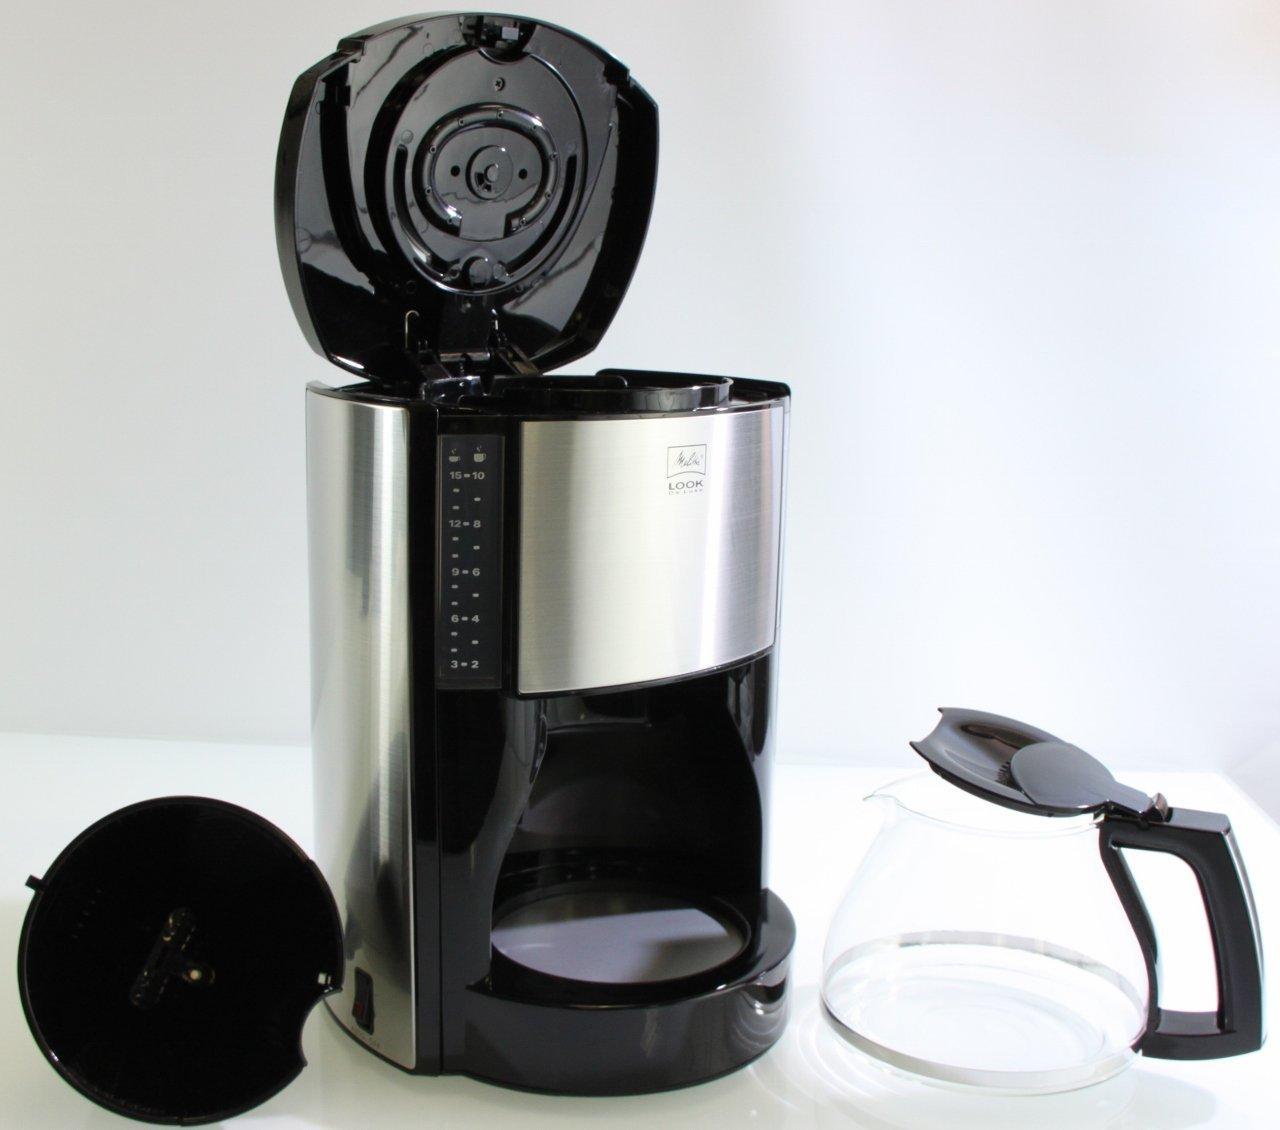 melitta look de luxe kaffeemaschine m 652 in edelstahl schwarz online g nstig bestellen. Black Bedroom Furniture Sets. Home Design Ideas